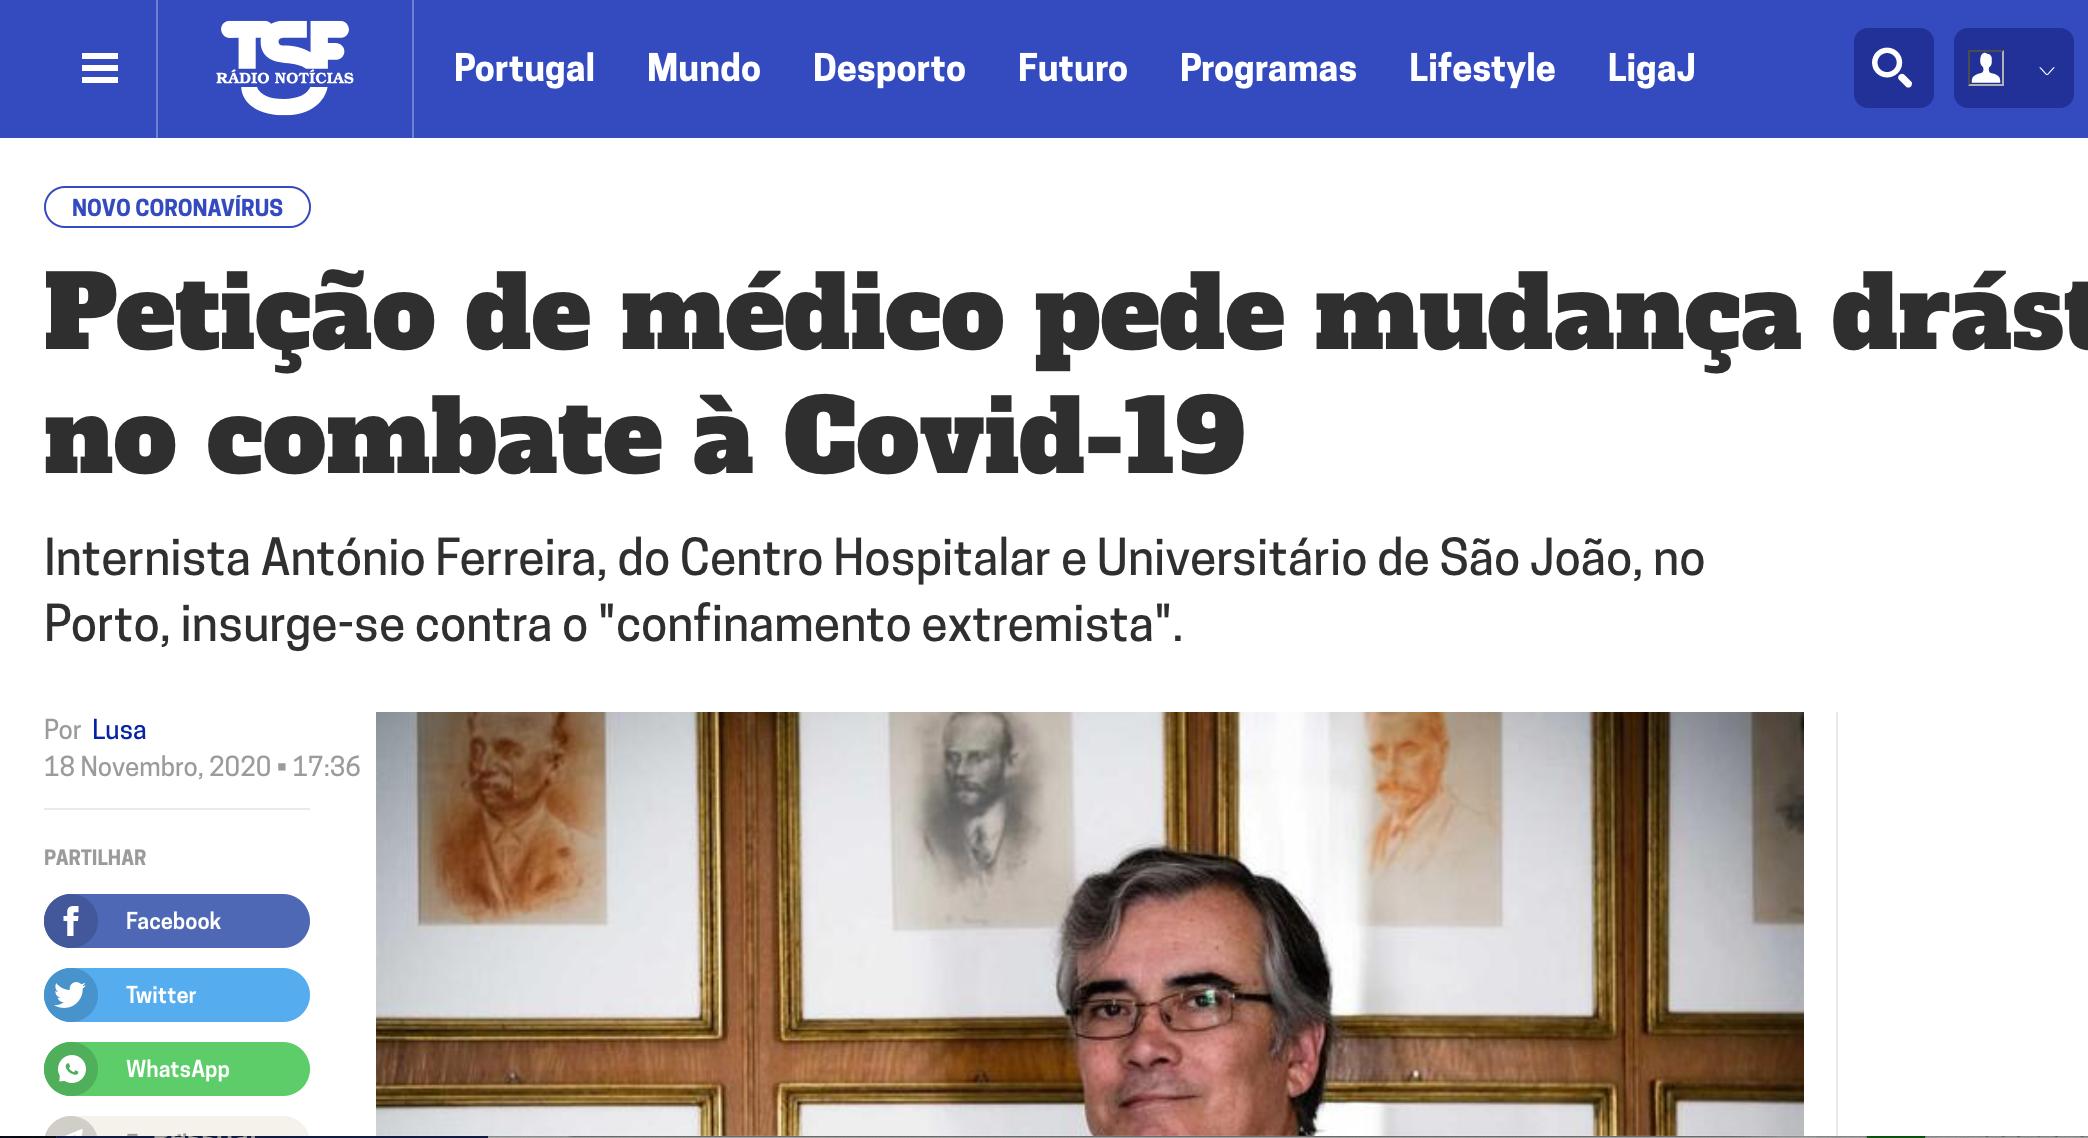 Petição de médico pede mudança drástica no combate à Covid-19